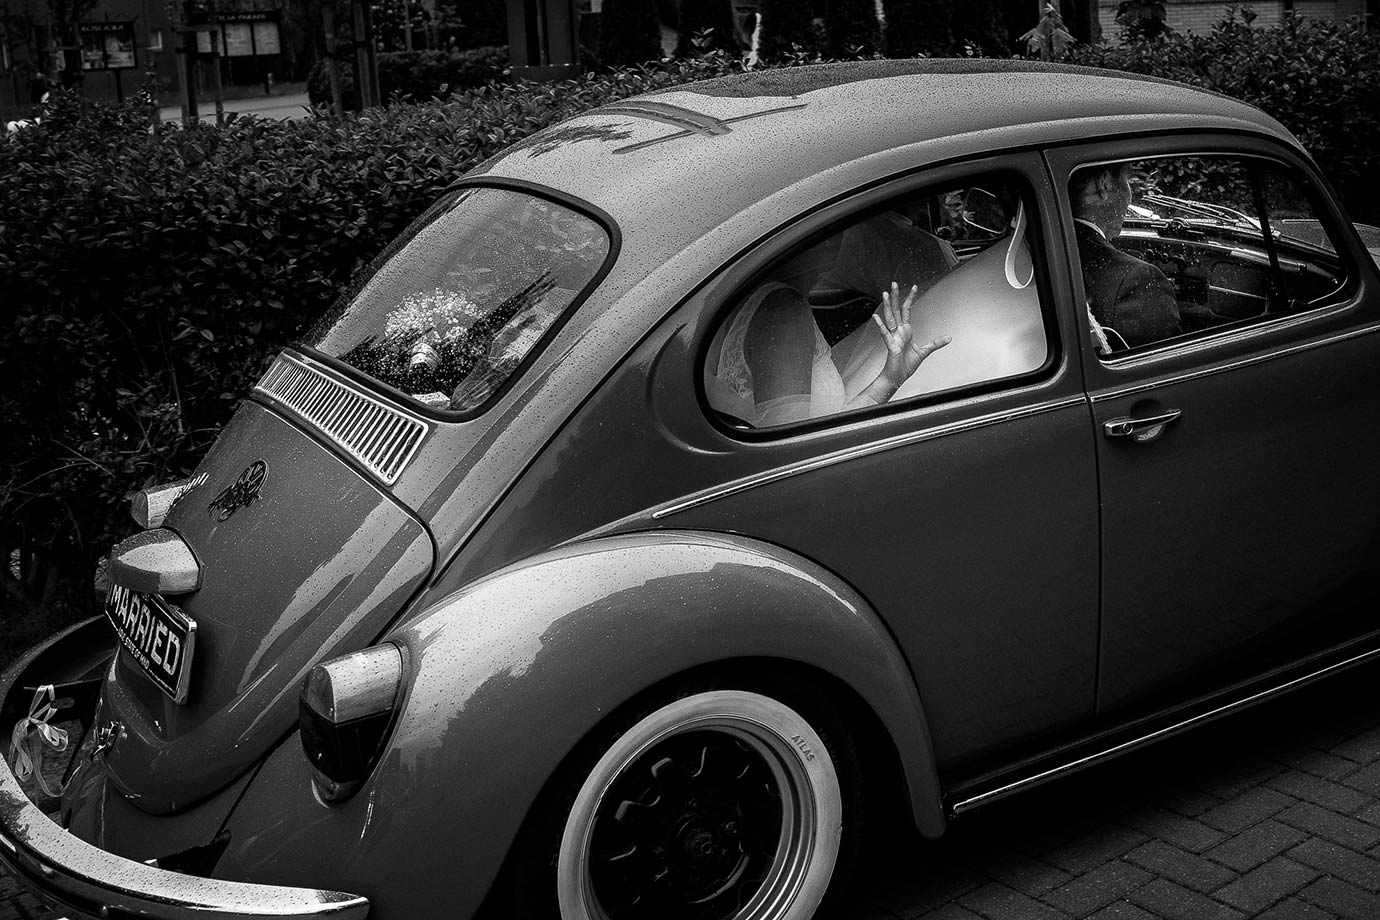 samochód do ślubu volkswagen garbus